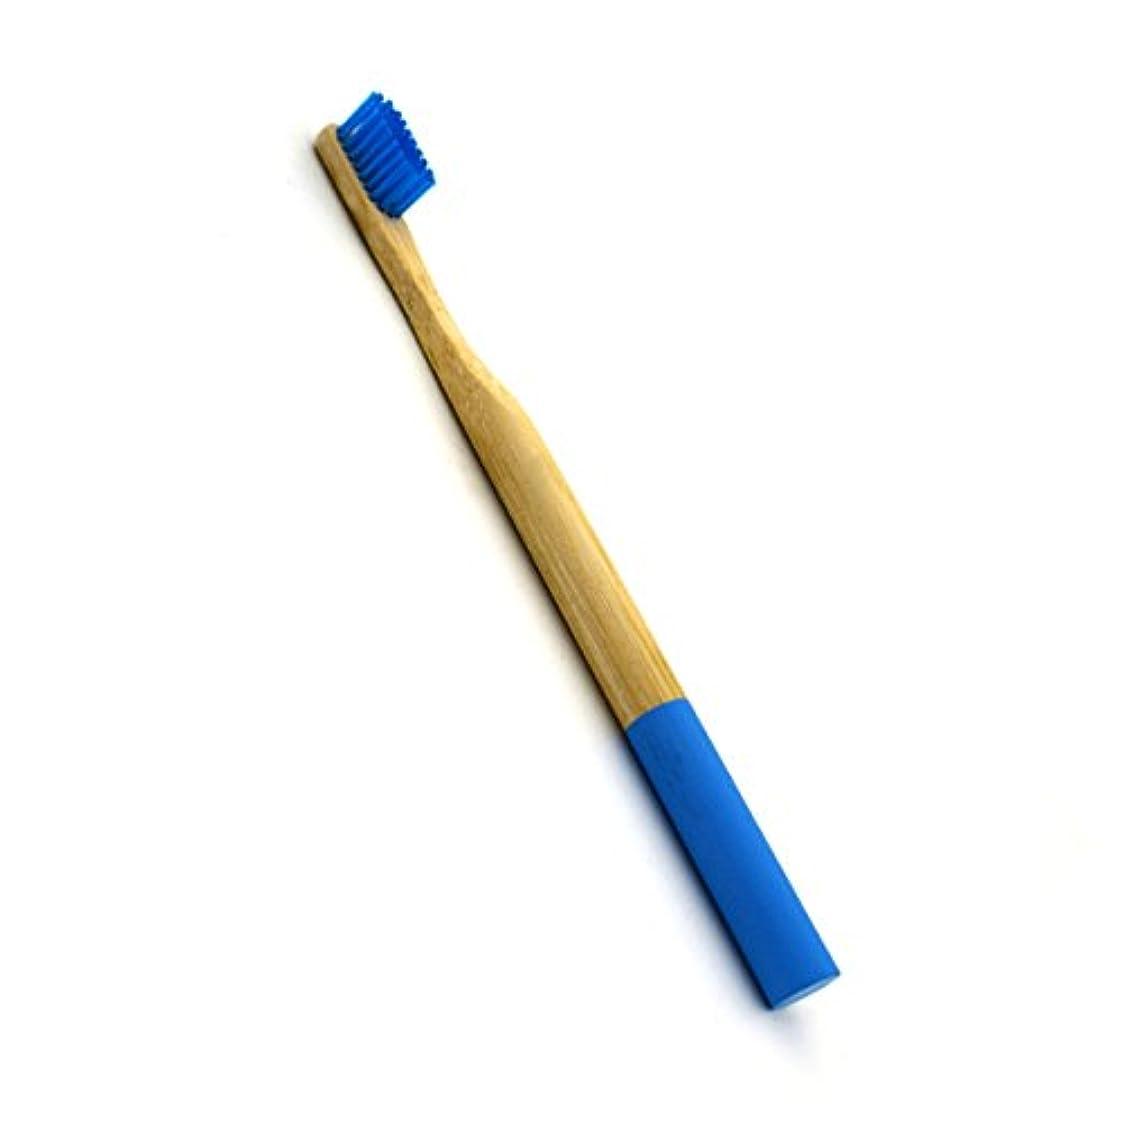 バック価値放出ROSENICE 竹歯ブラシラウンドハンドル自然な竹成人環境にやさしいソフトブリストル旅行歯ブラシ